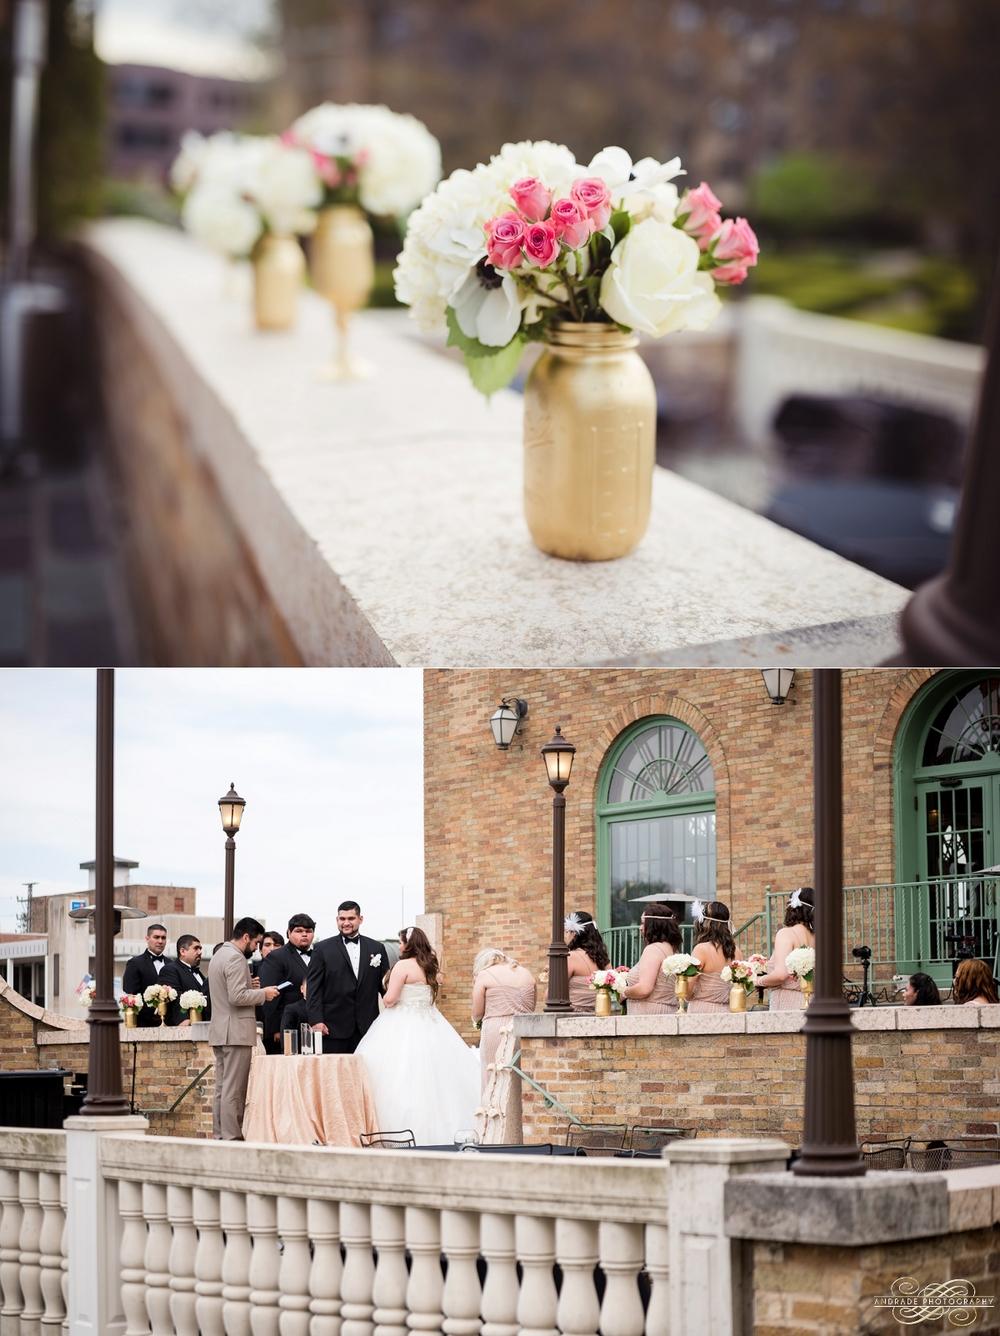 Angie + Hugo Hotel Baker Wedding Photography St Charles Illinois_0043.jpg